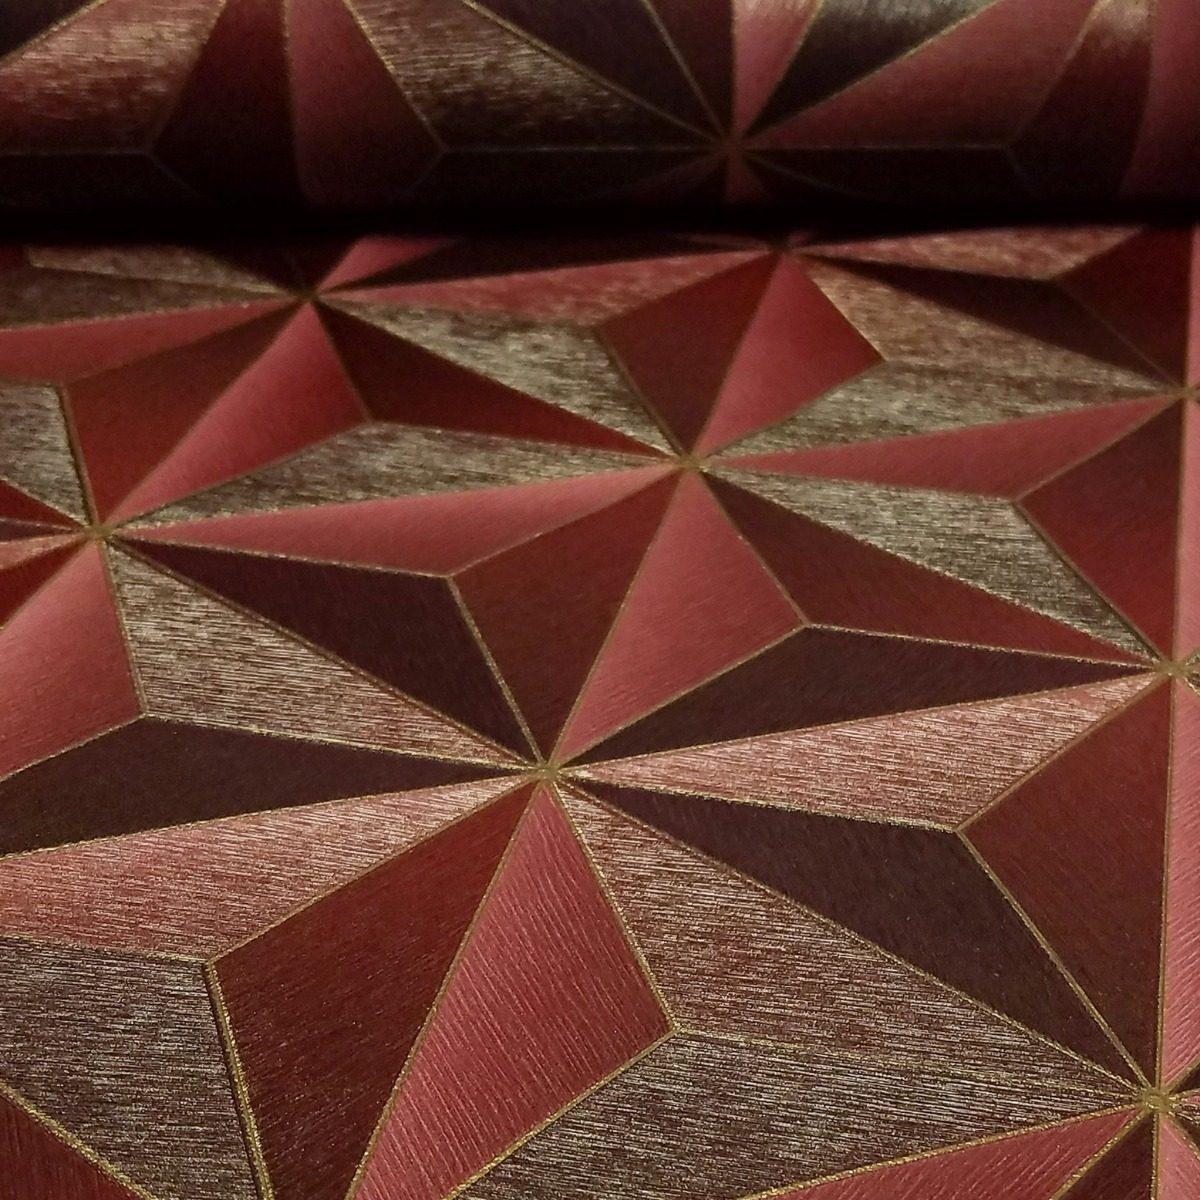 31508d6c2 Papel de parede vinílico geométrico vermelho com dourado carregando zoom  jpg 1200x1200 Parede vinílico papeis de